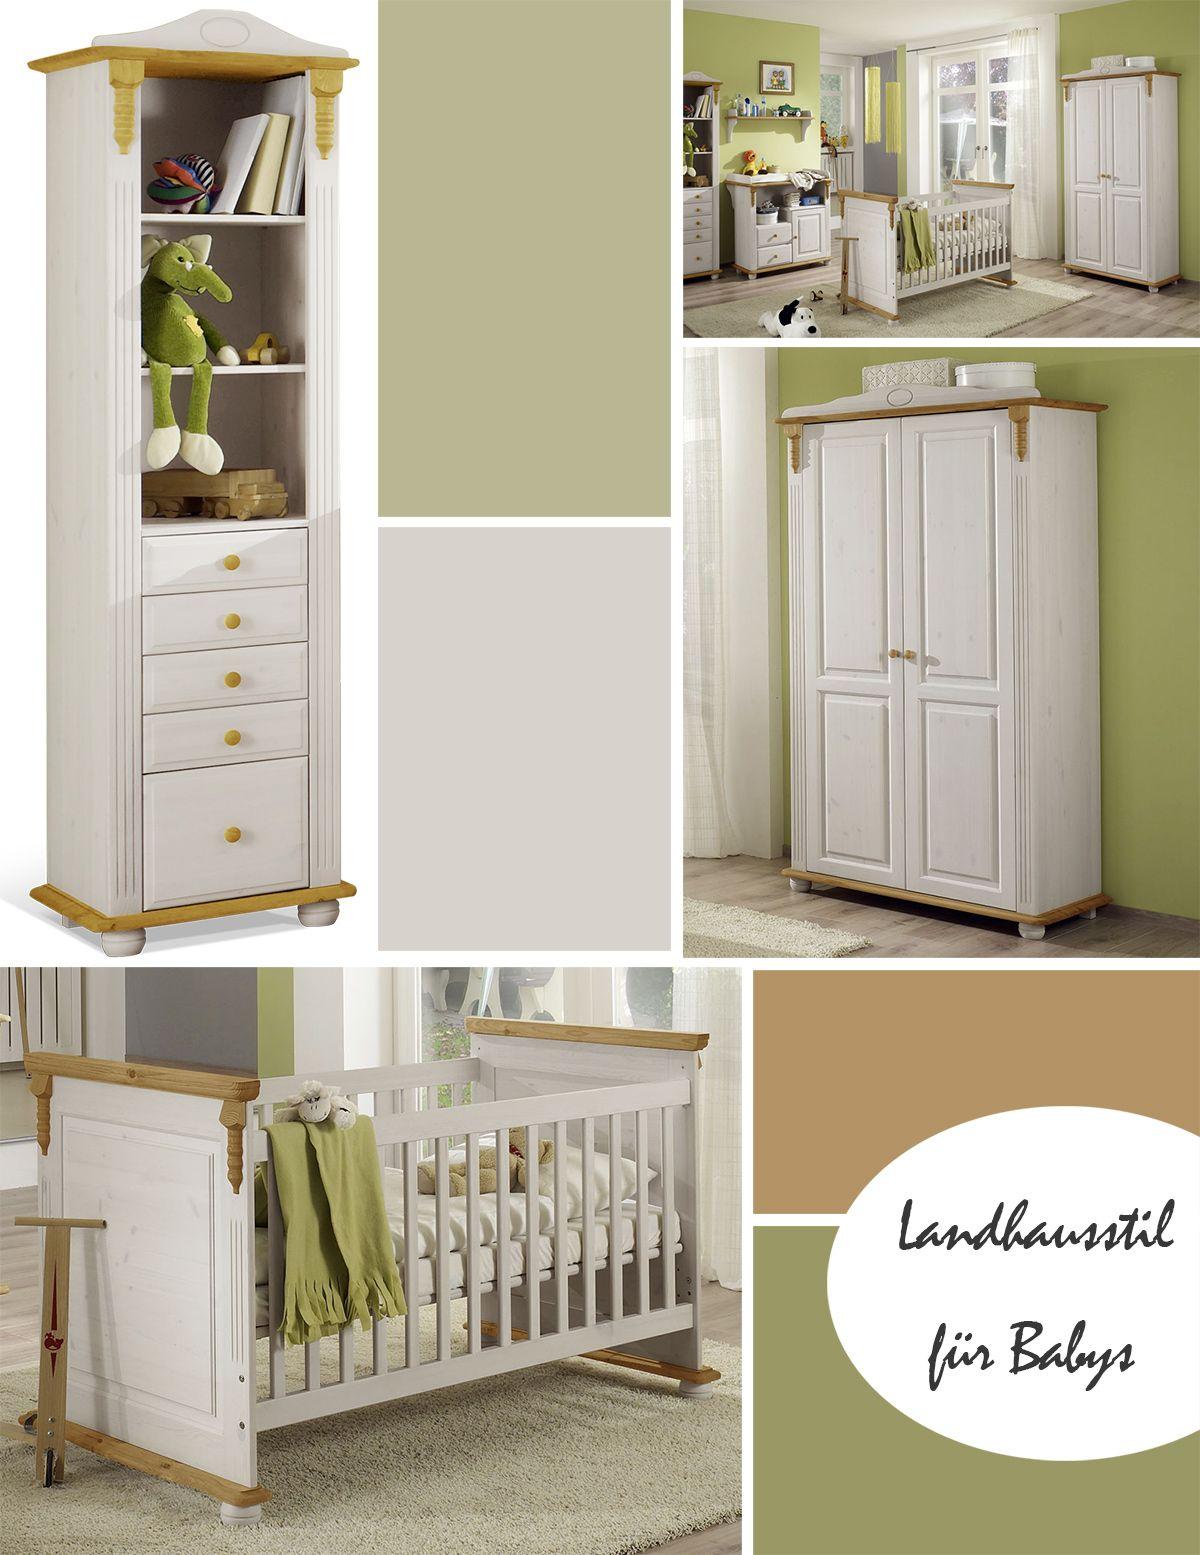 Pin Von Betten De Auf Babyzimmer Pinterest Baby Room Und